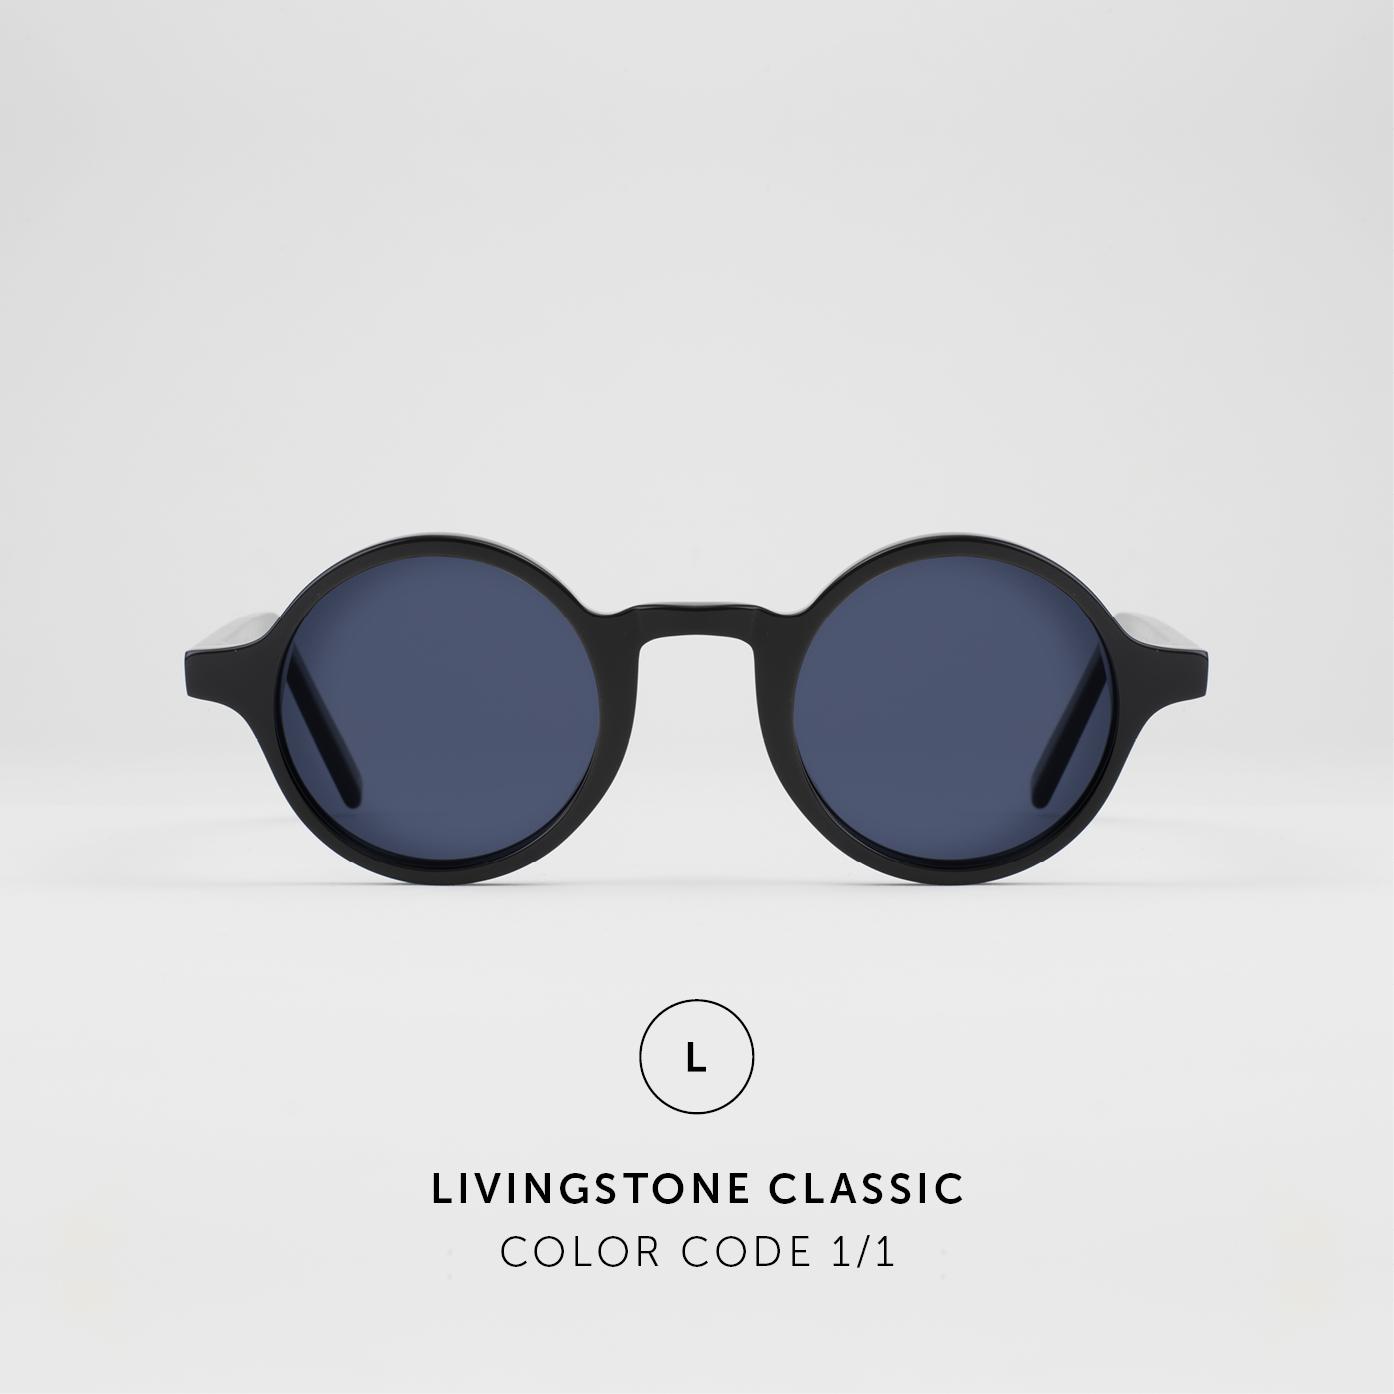 LivingstoneClassic4.jpg